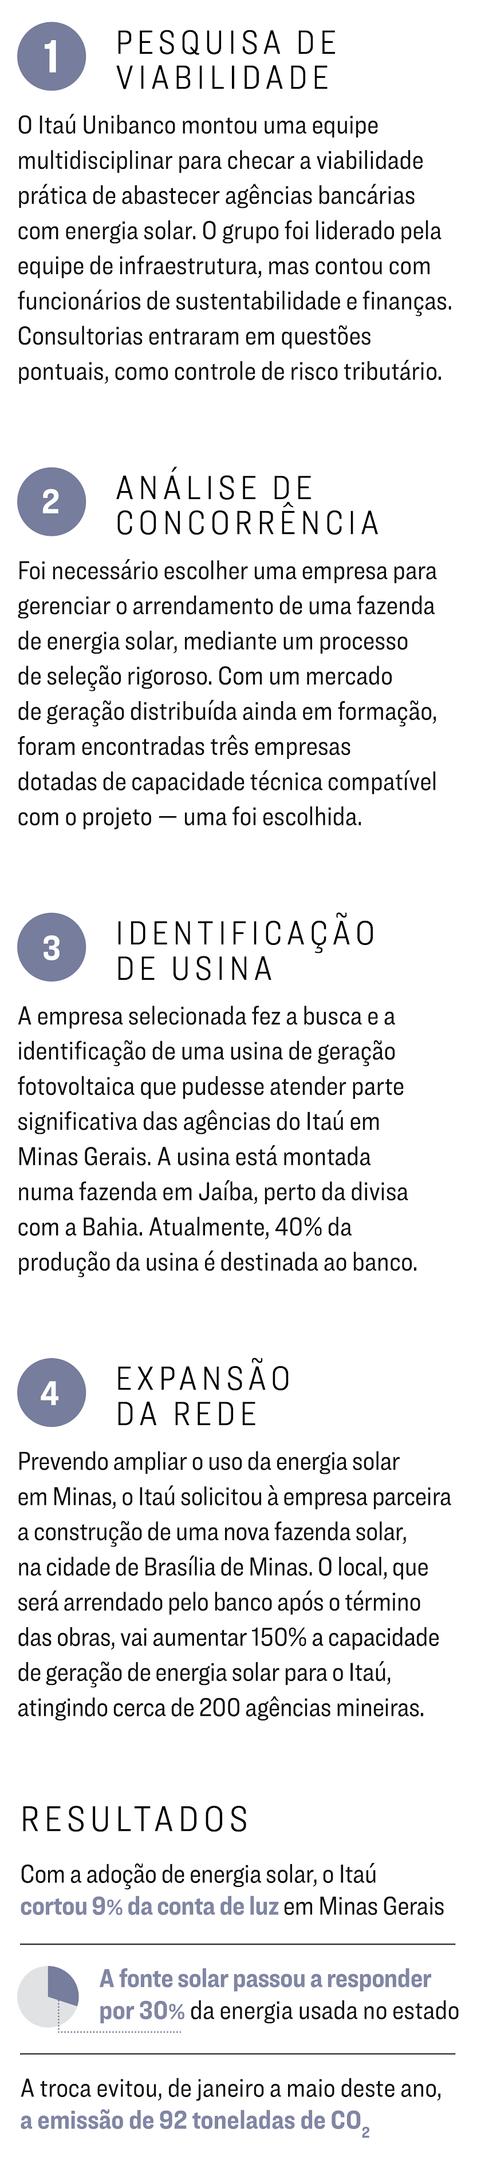 Exame 1189 - Como Fazer - Itaú Unibanco